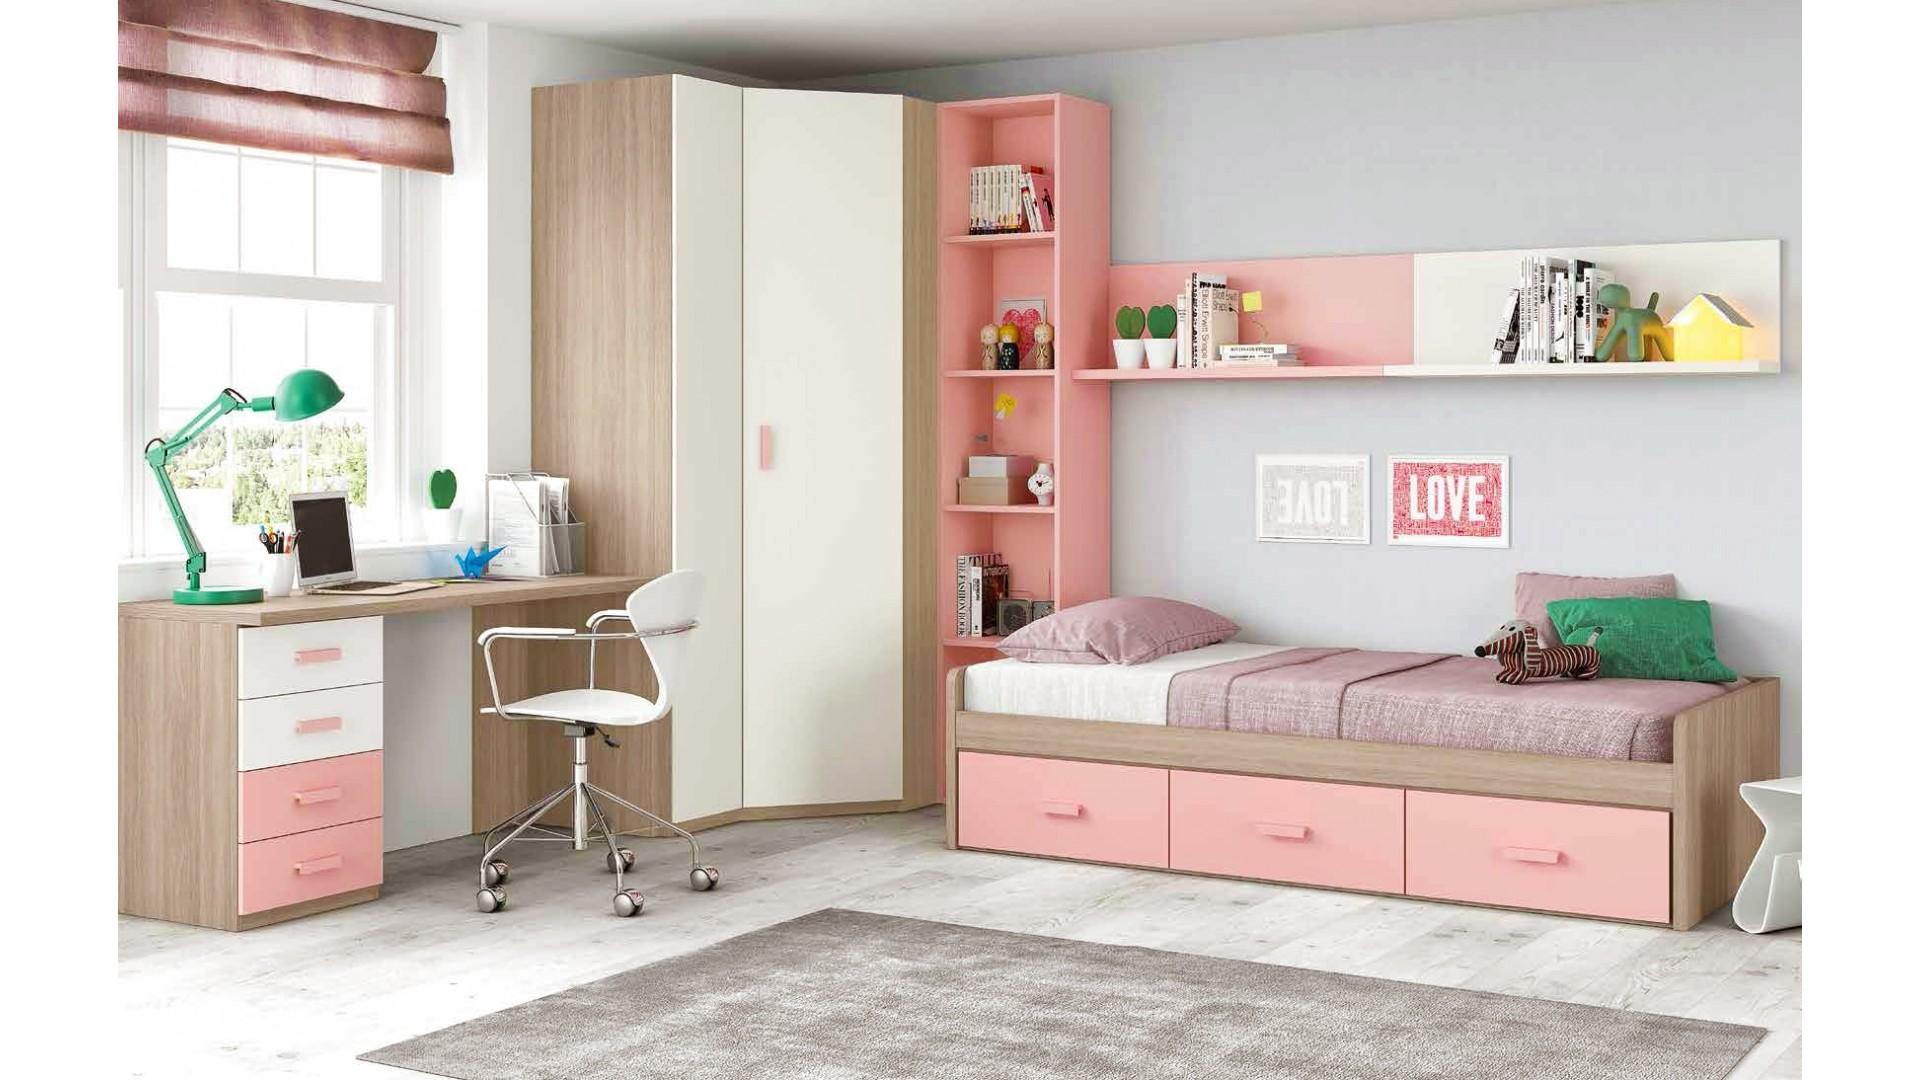 chambre ado fille douce et rose avec lit 3 coffres- GLICERIO - SO NUIT